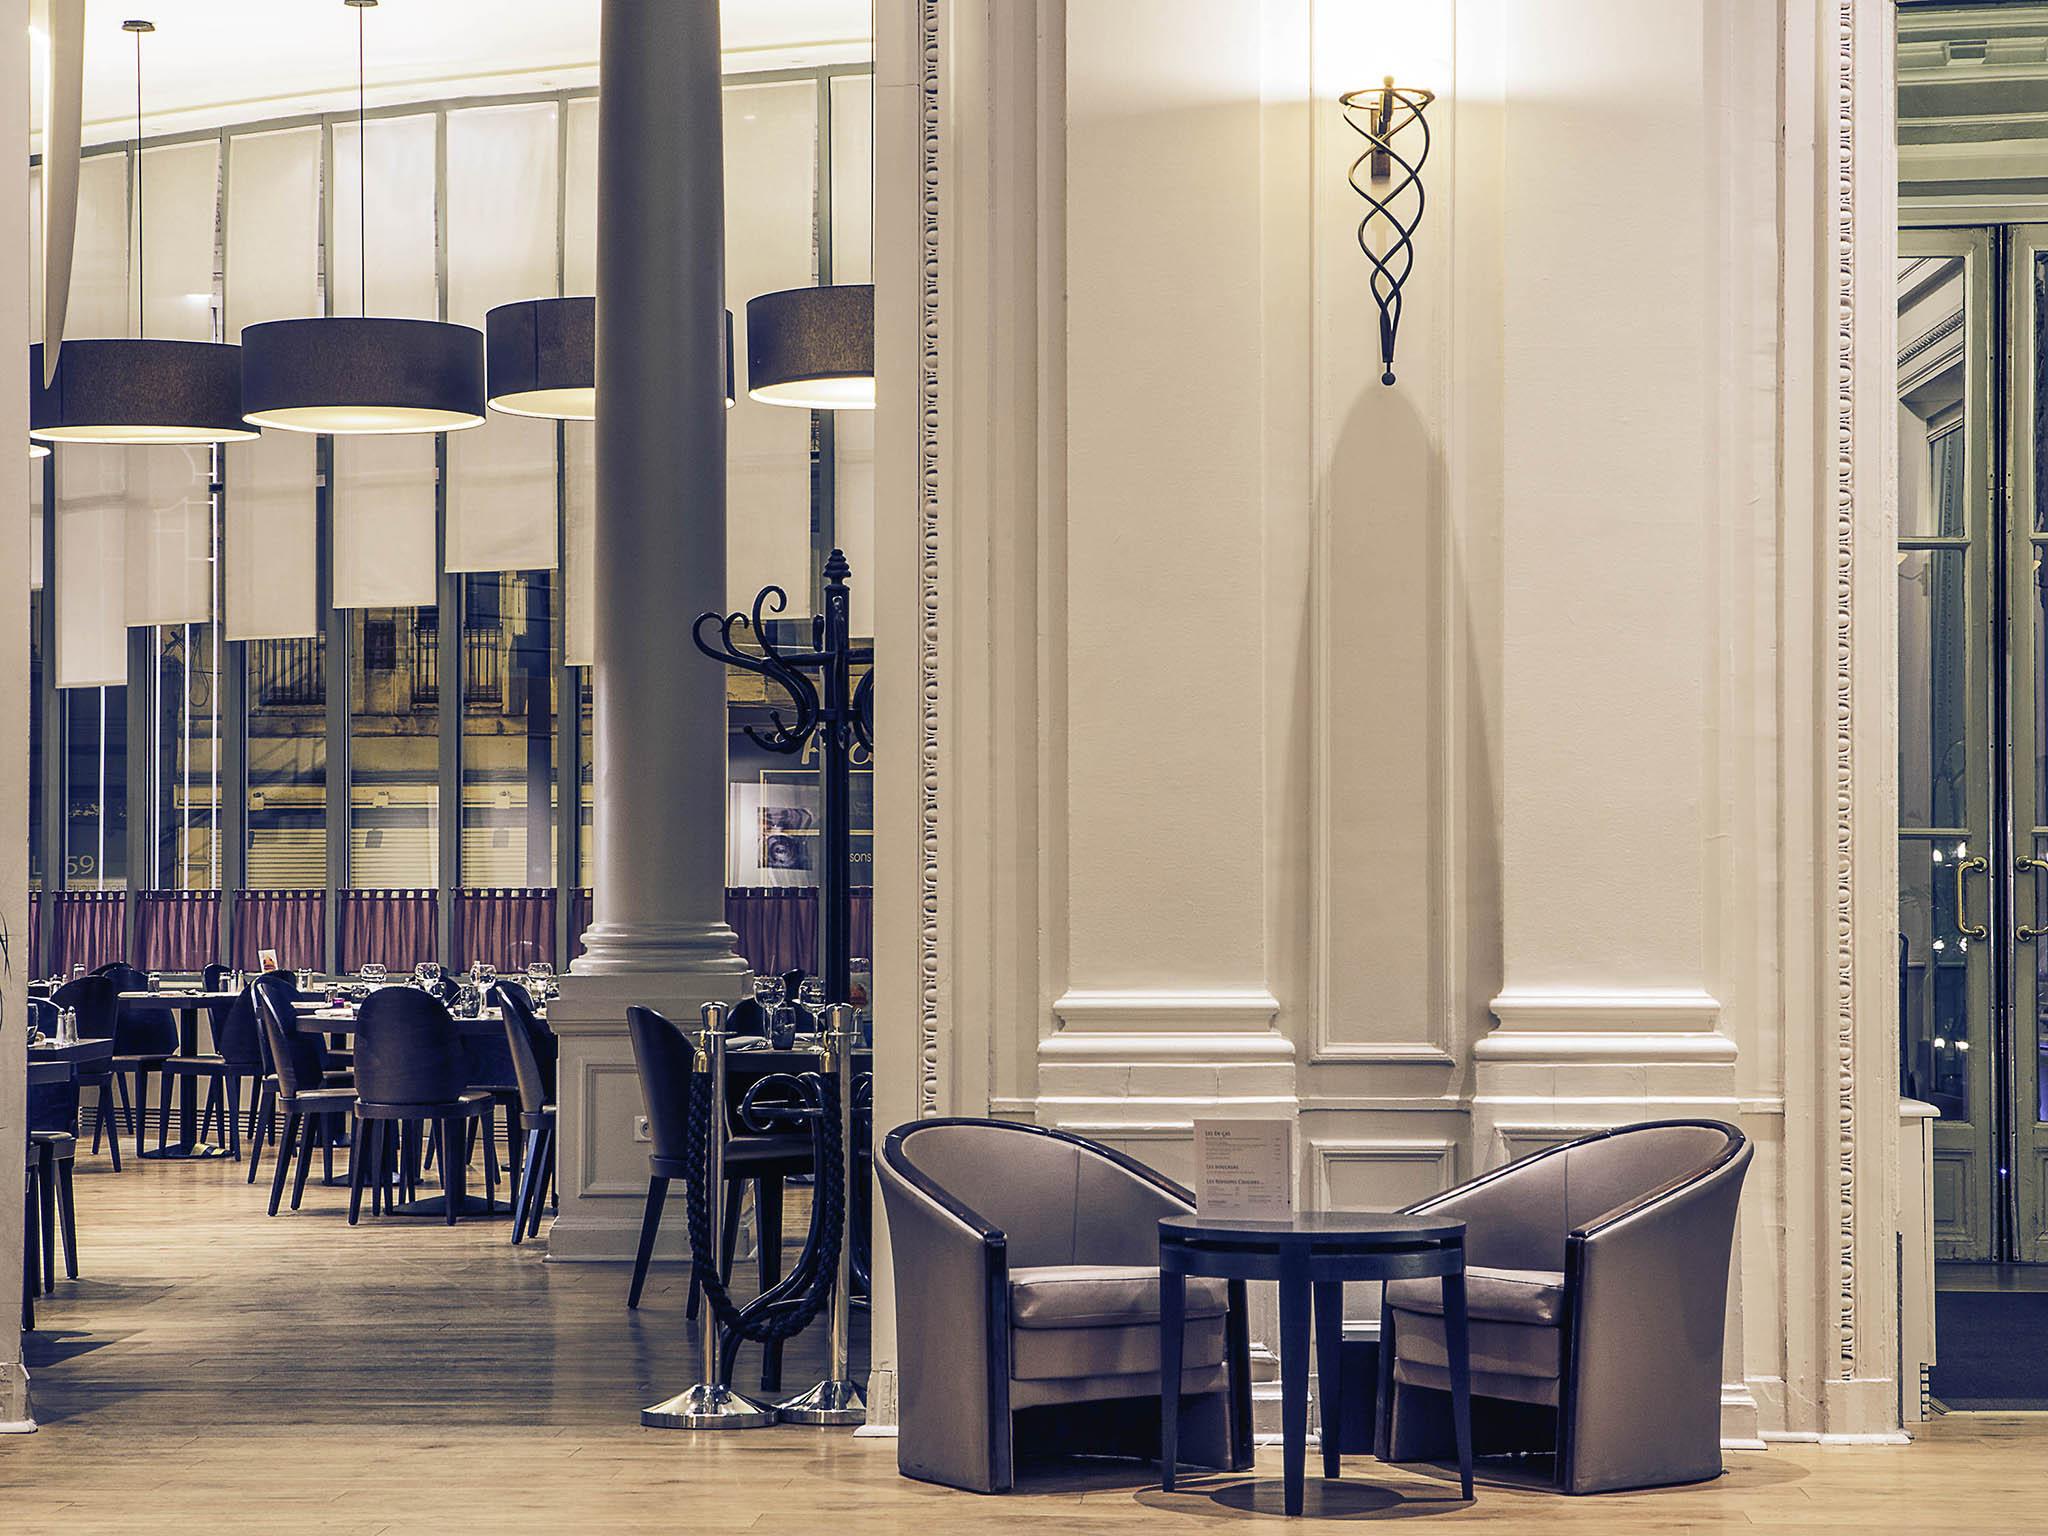 โรงแรม – Hôtel Mercure Lille Roubaix Grand Hôtel